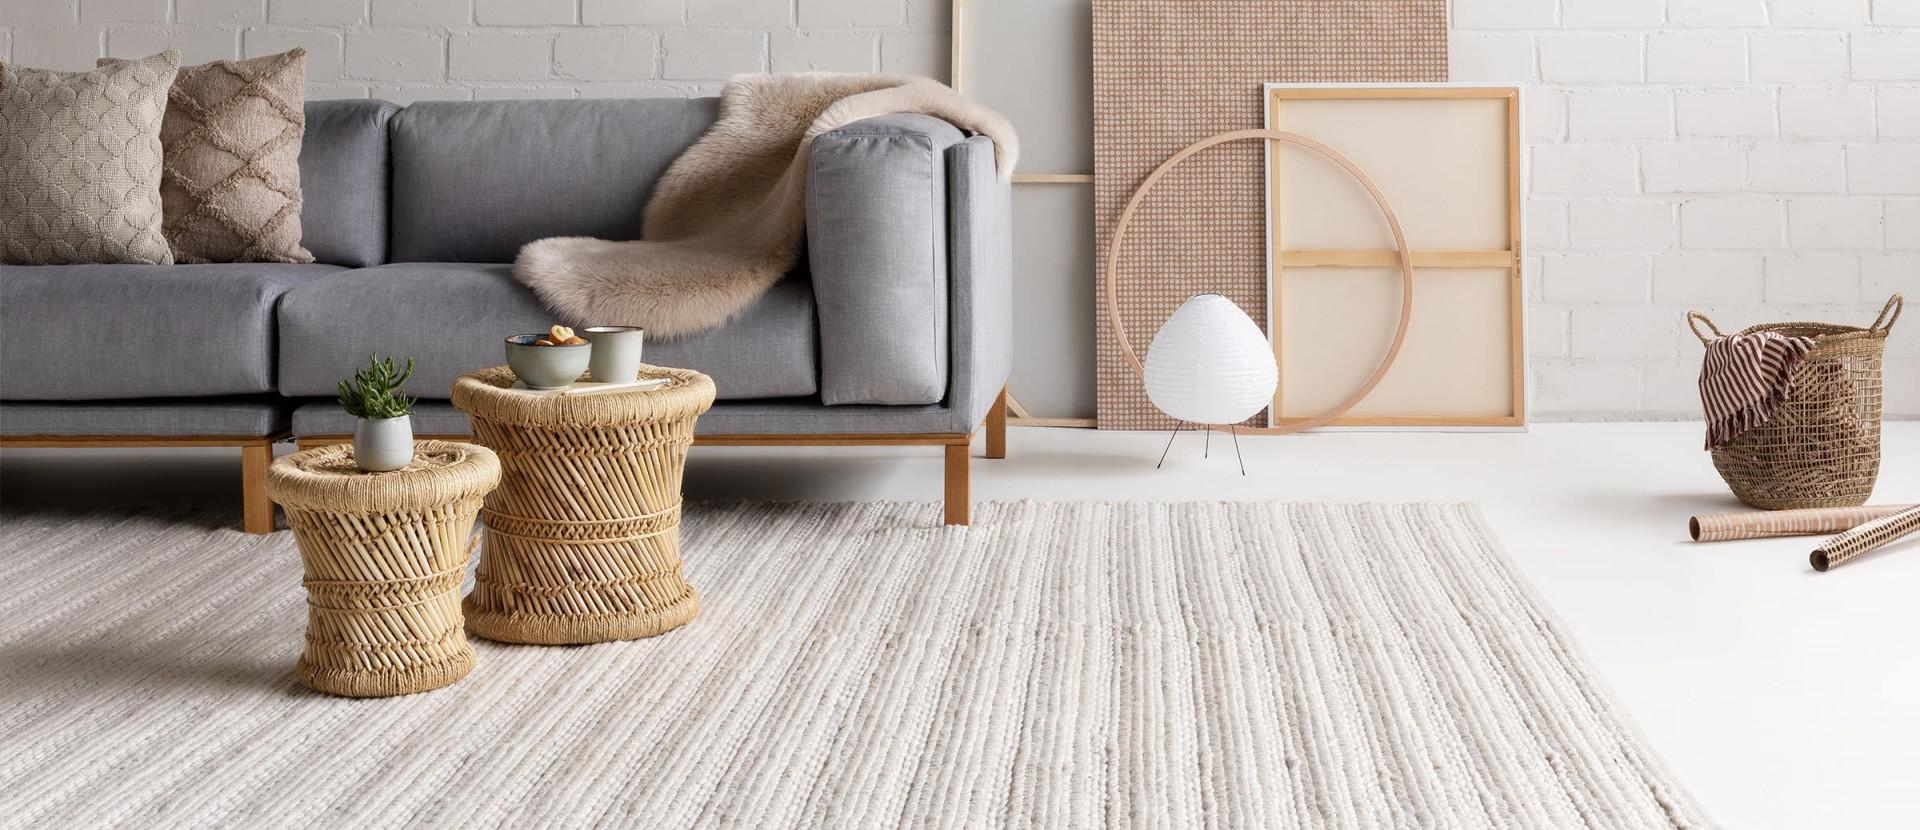 Welcher Teppich Passt Zu Mir  Hilfreiche Tipps von Teppich Wohnzimmer Rund Bild